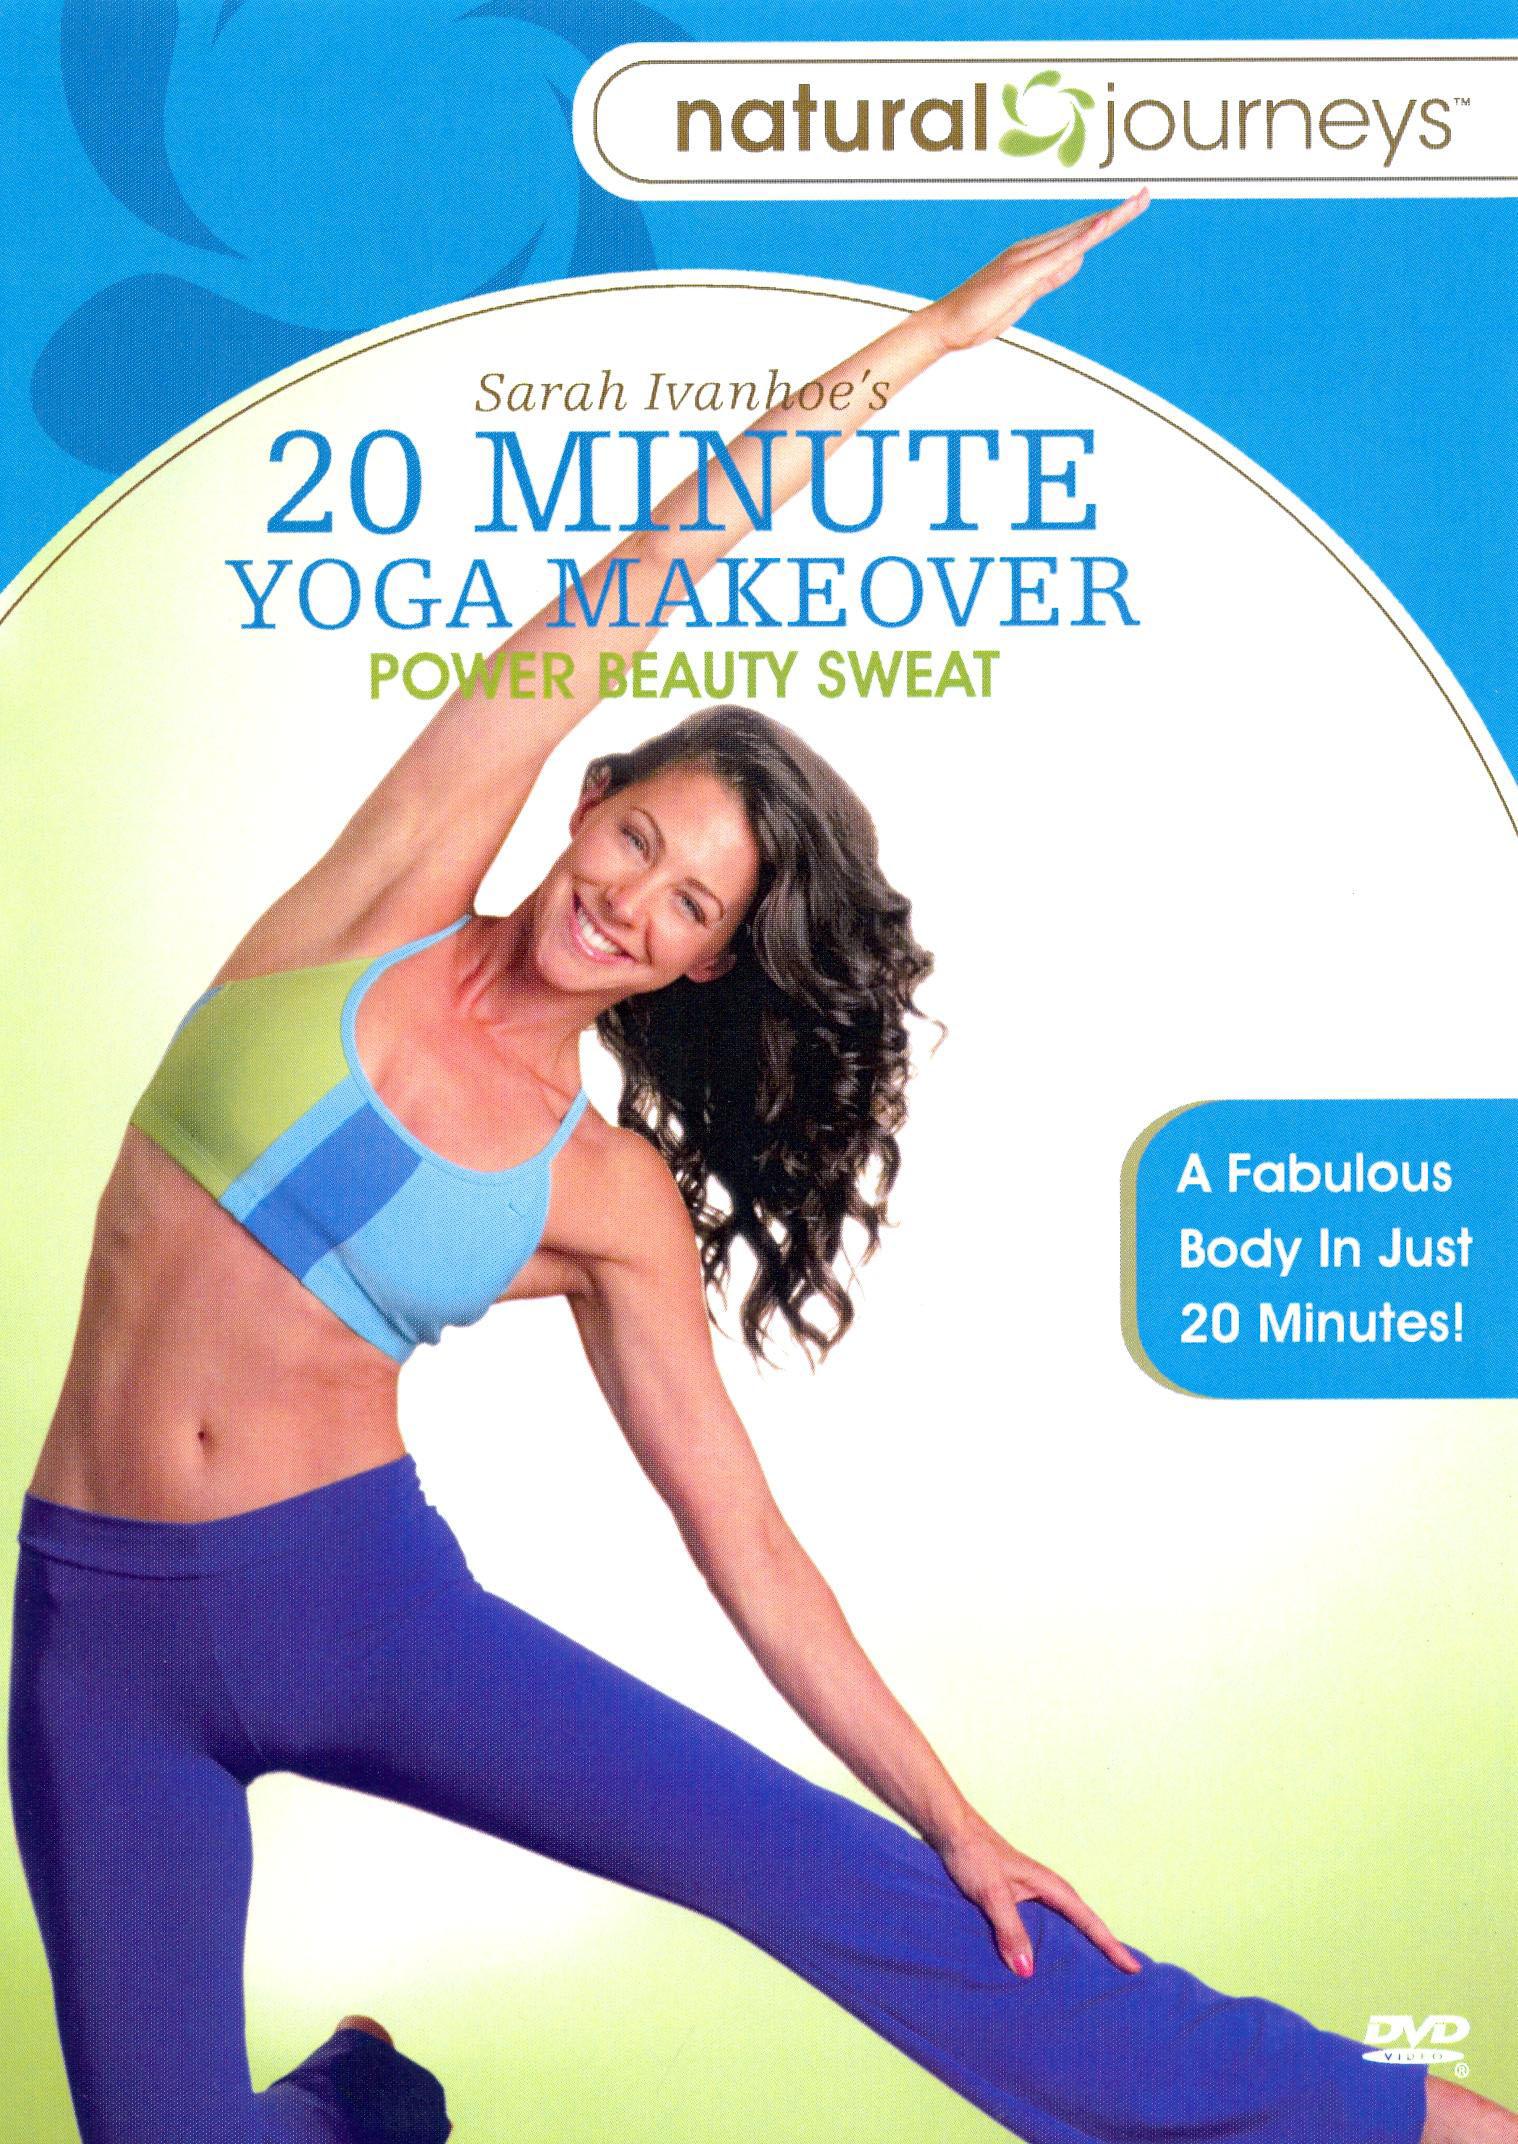 Sara Ivanhoe: 20 Minute Yoga Makeover - Power Beauty Sweat